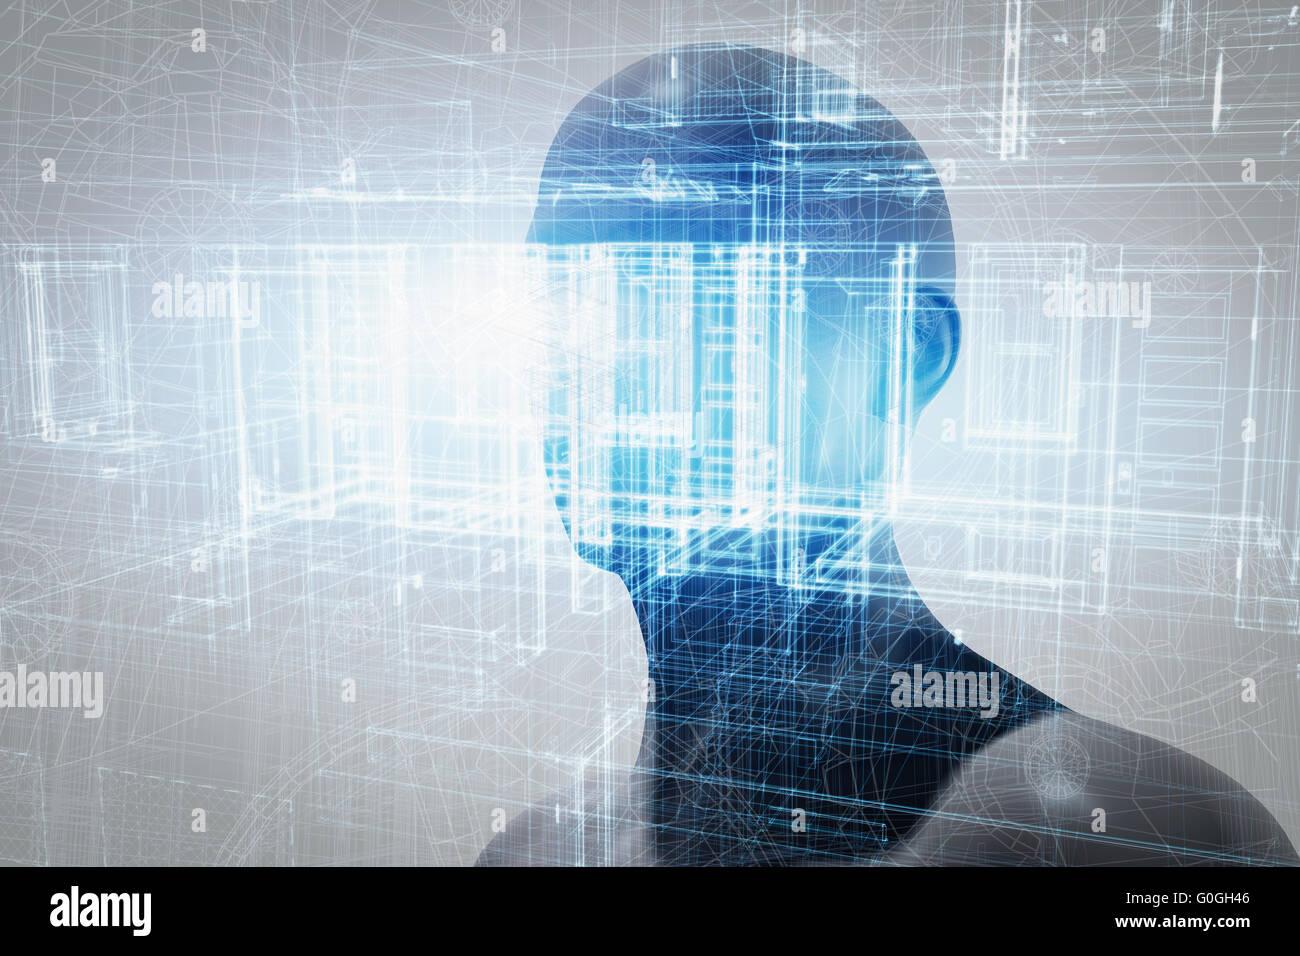 Proyección de realidad virtual. El porvenir de la ciencia con la tecnología moderna, la inteligencia artificial Imagen De Stock